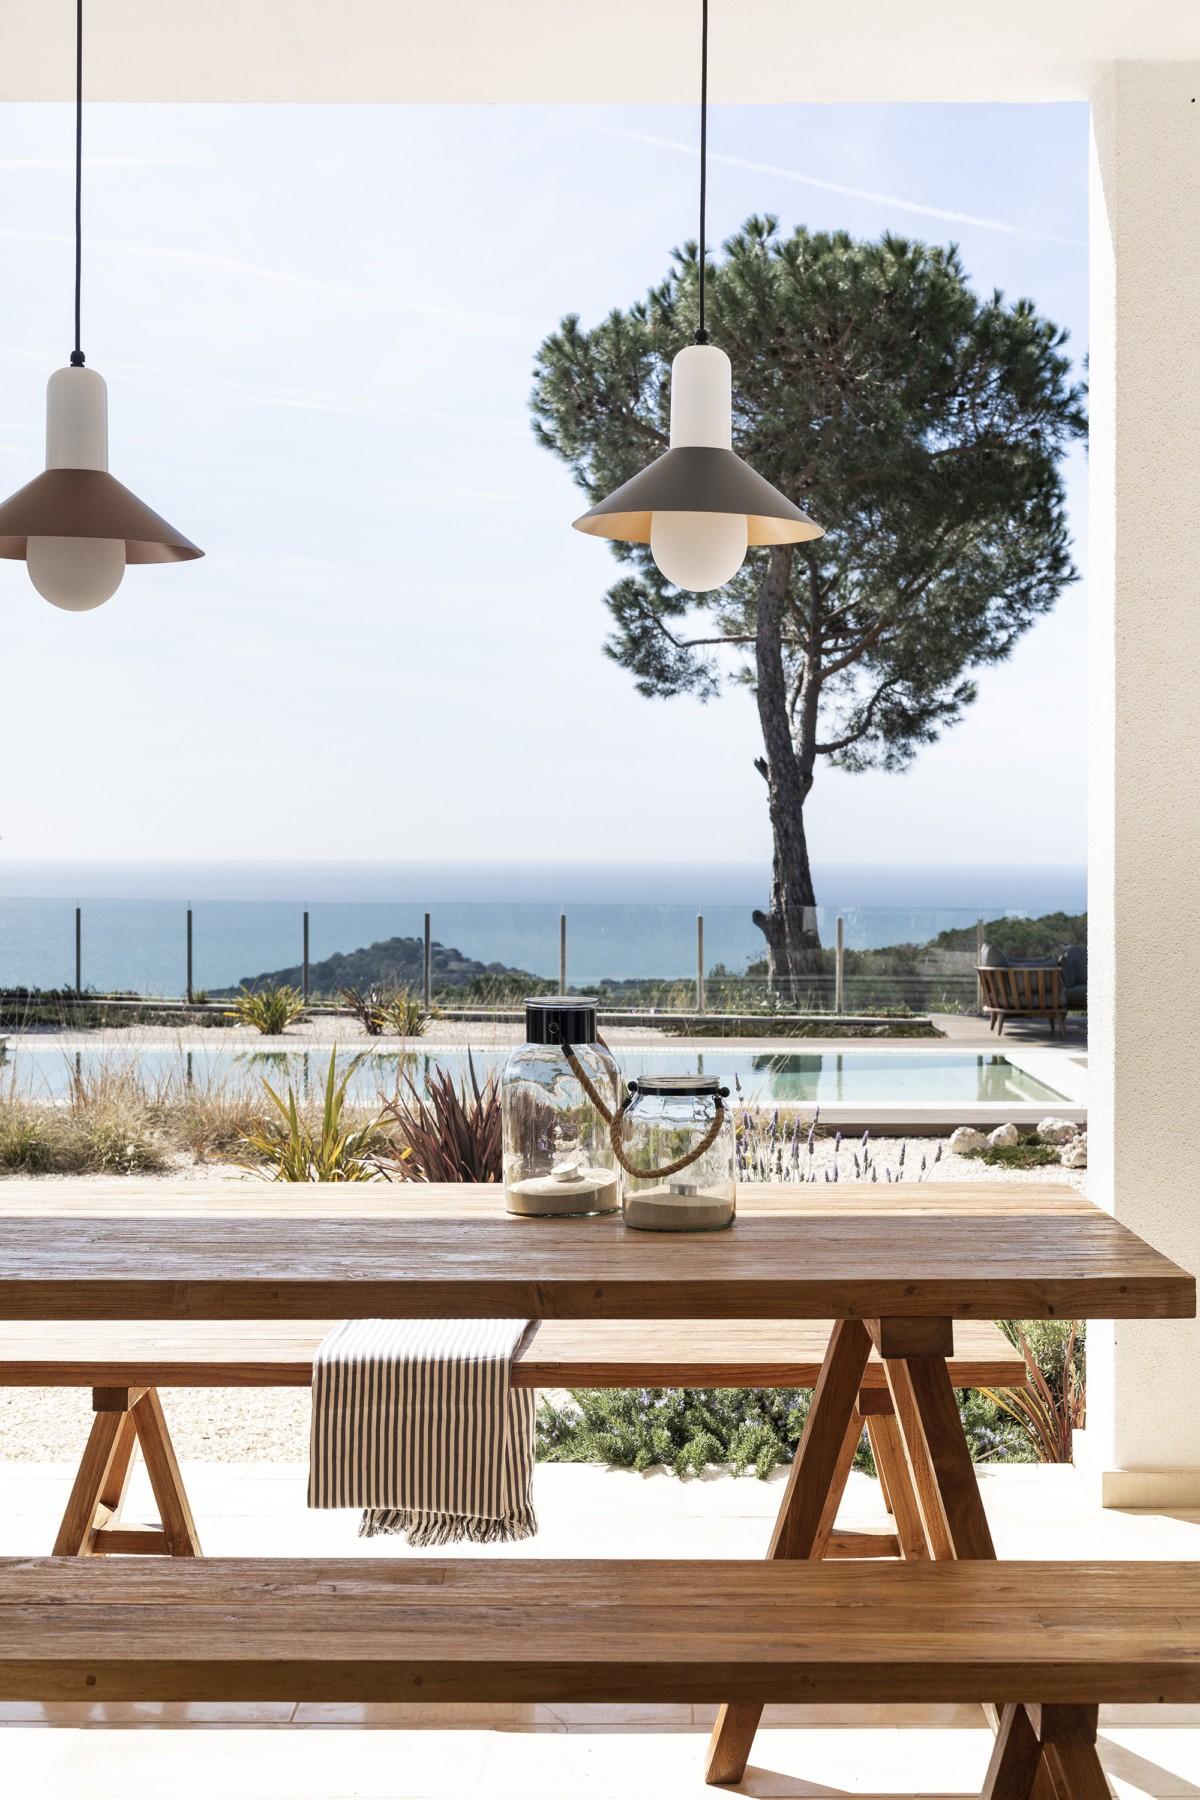 Espectacular villa de estilo mediterráneo al norte de Barcelona